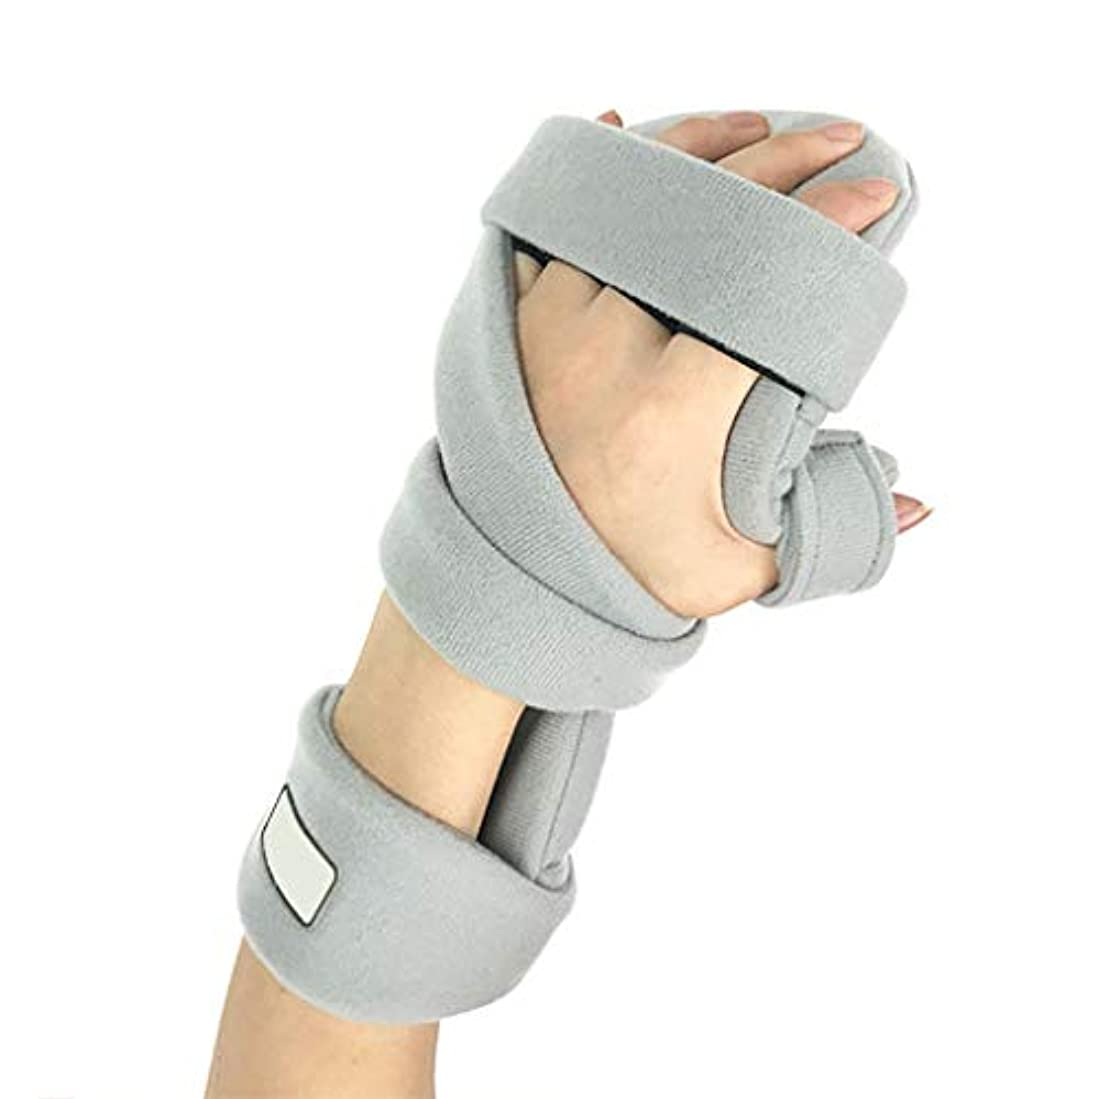 定期的に見える民兵リハビリテーションの指板 - 調節可能な副子の整形外科の装具、高齢者のために固定される訓練装置の手首の骨折片麻痺,Left